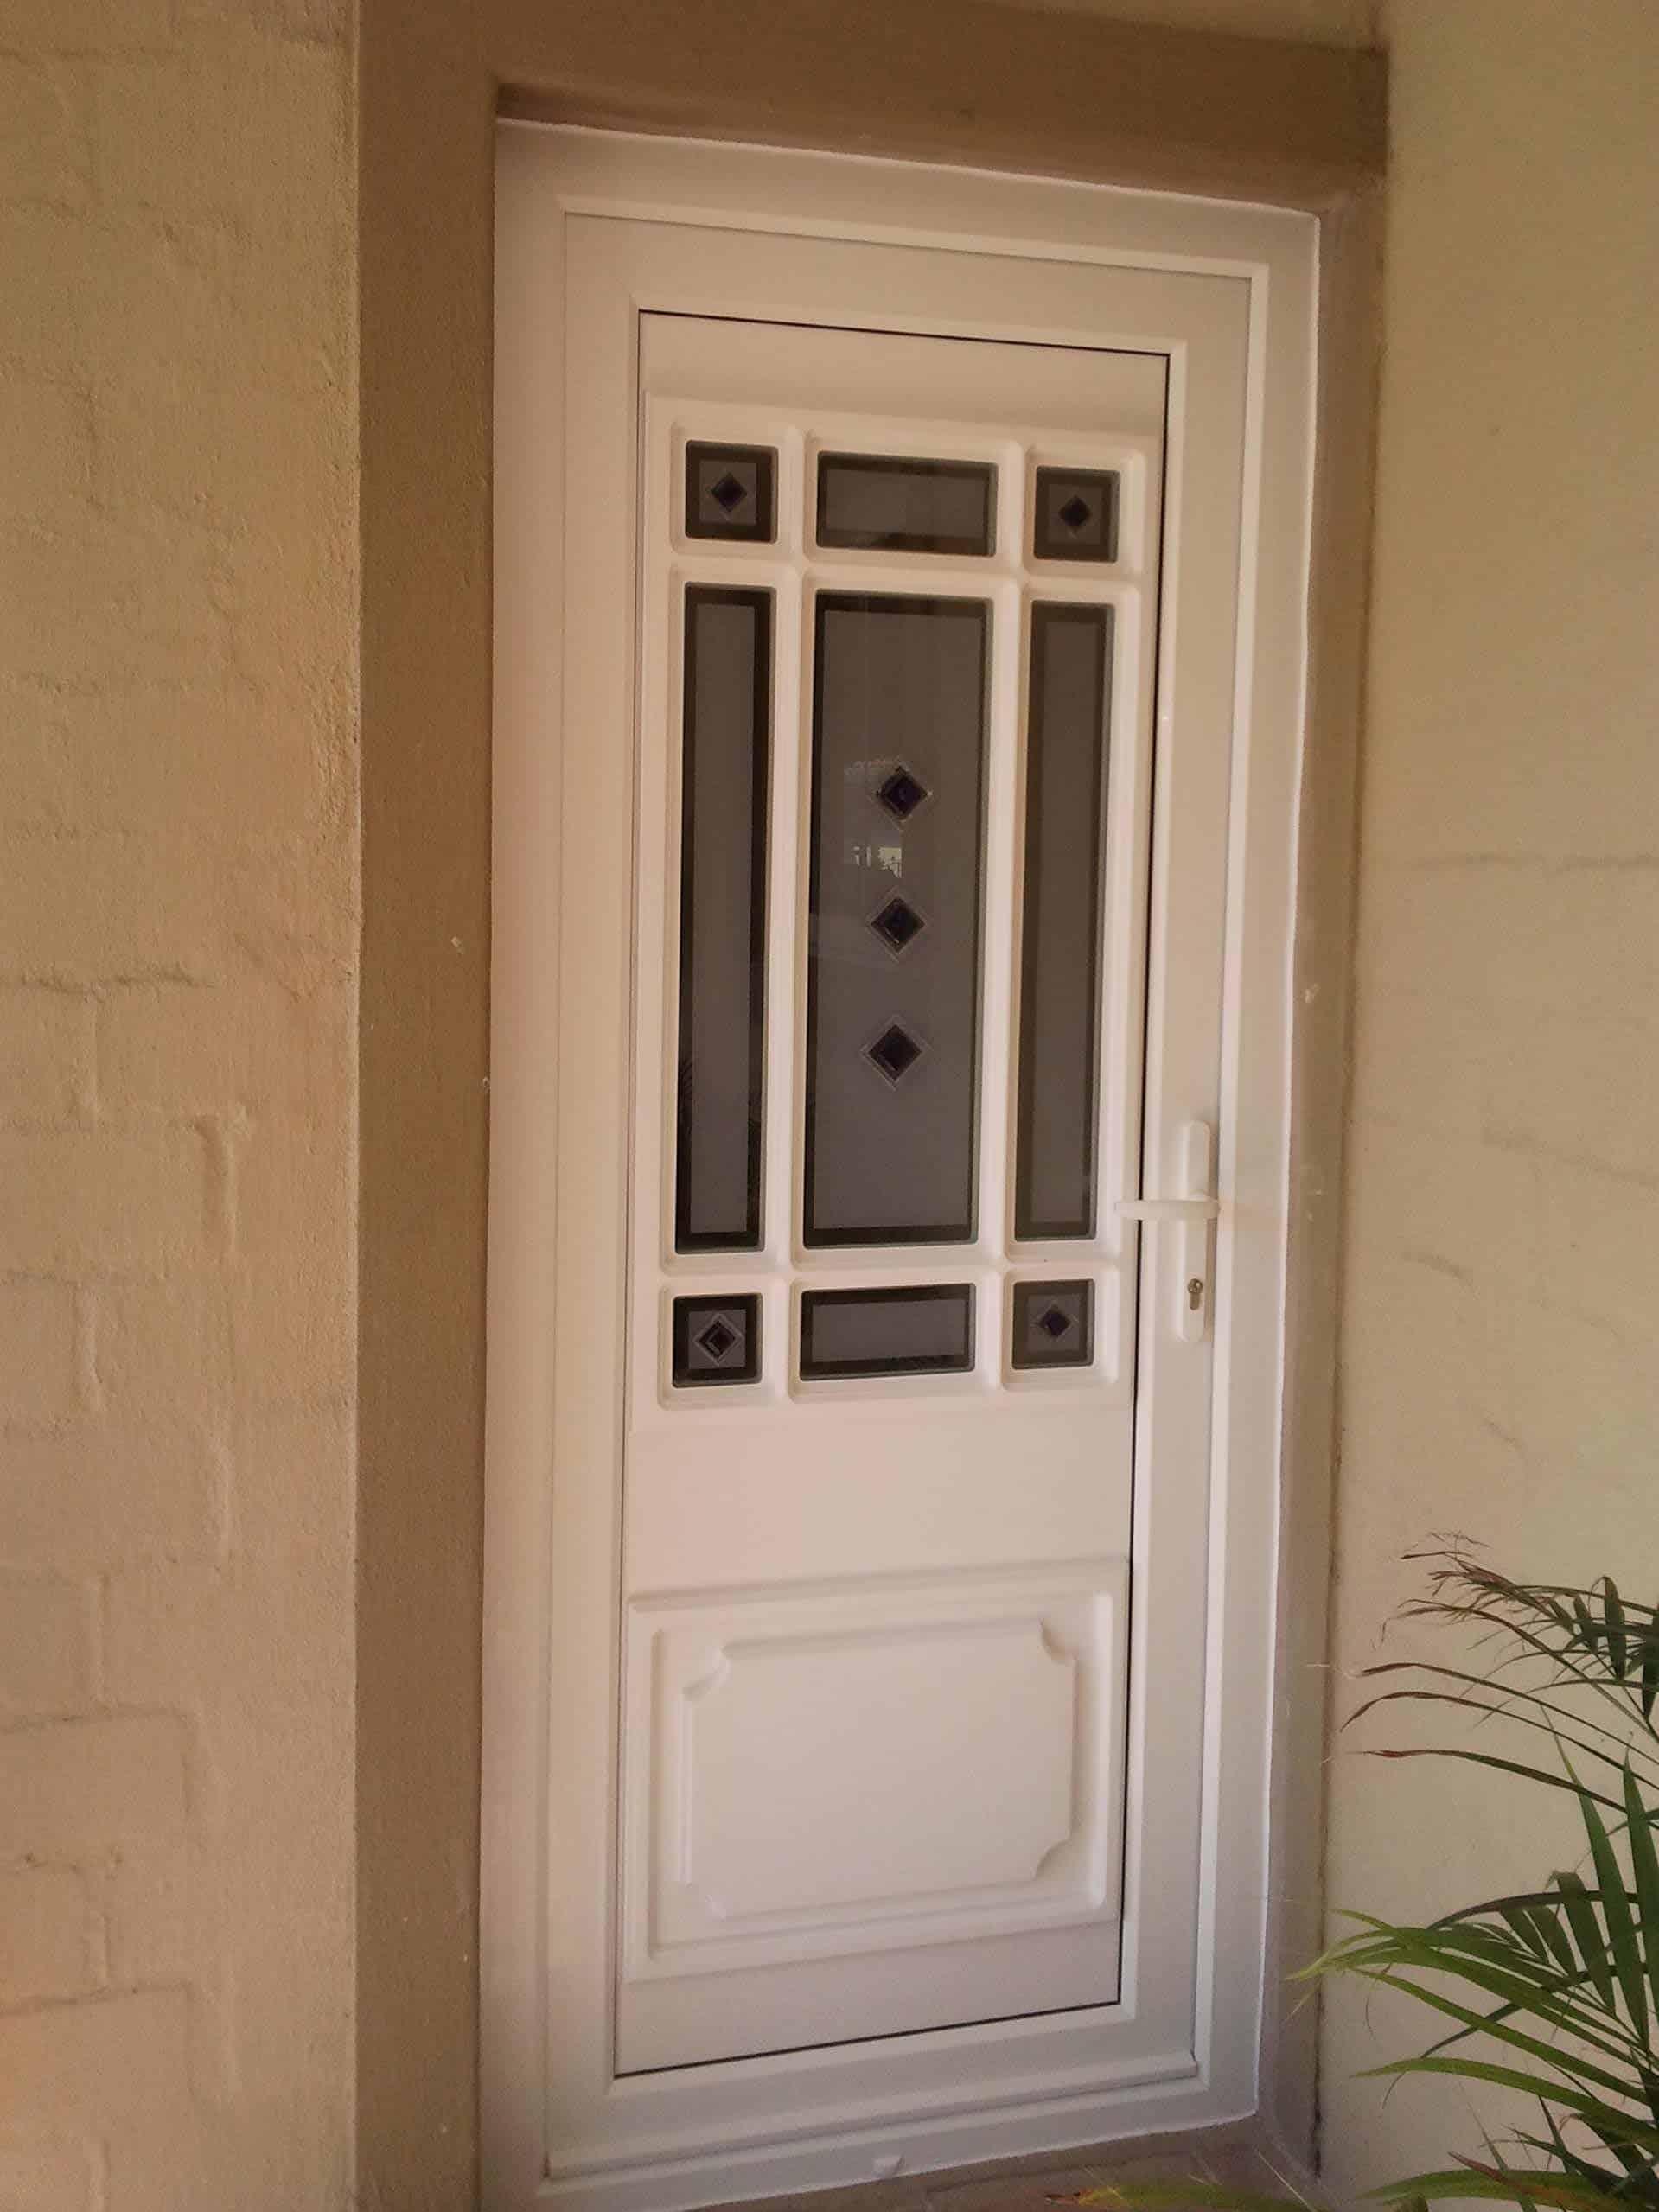 singledoors3